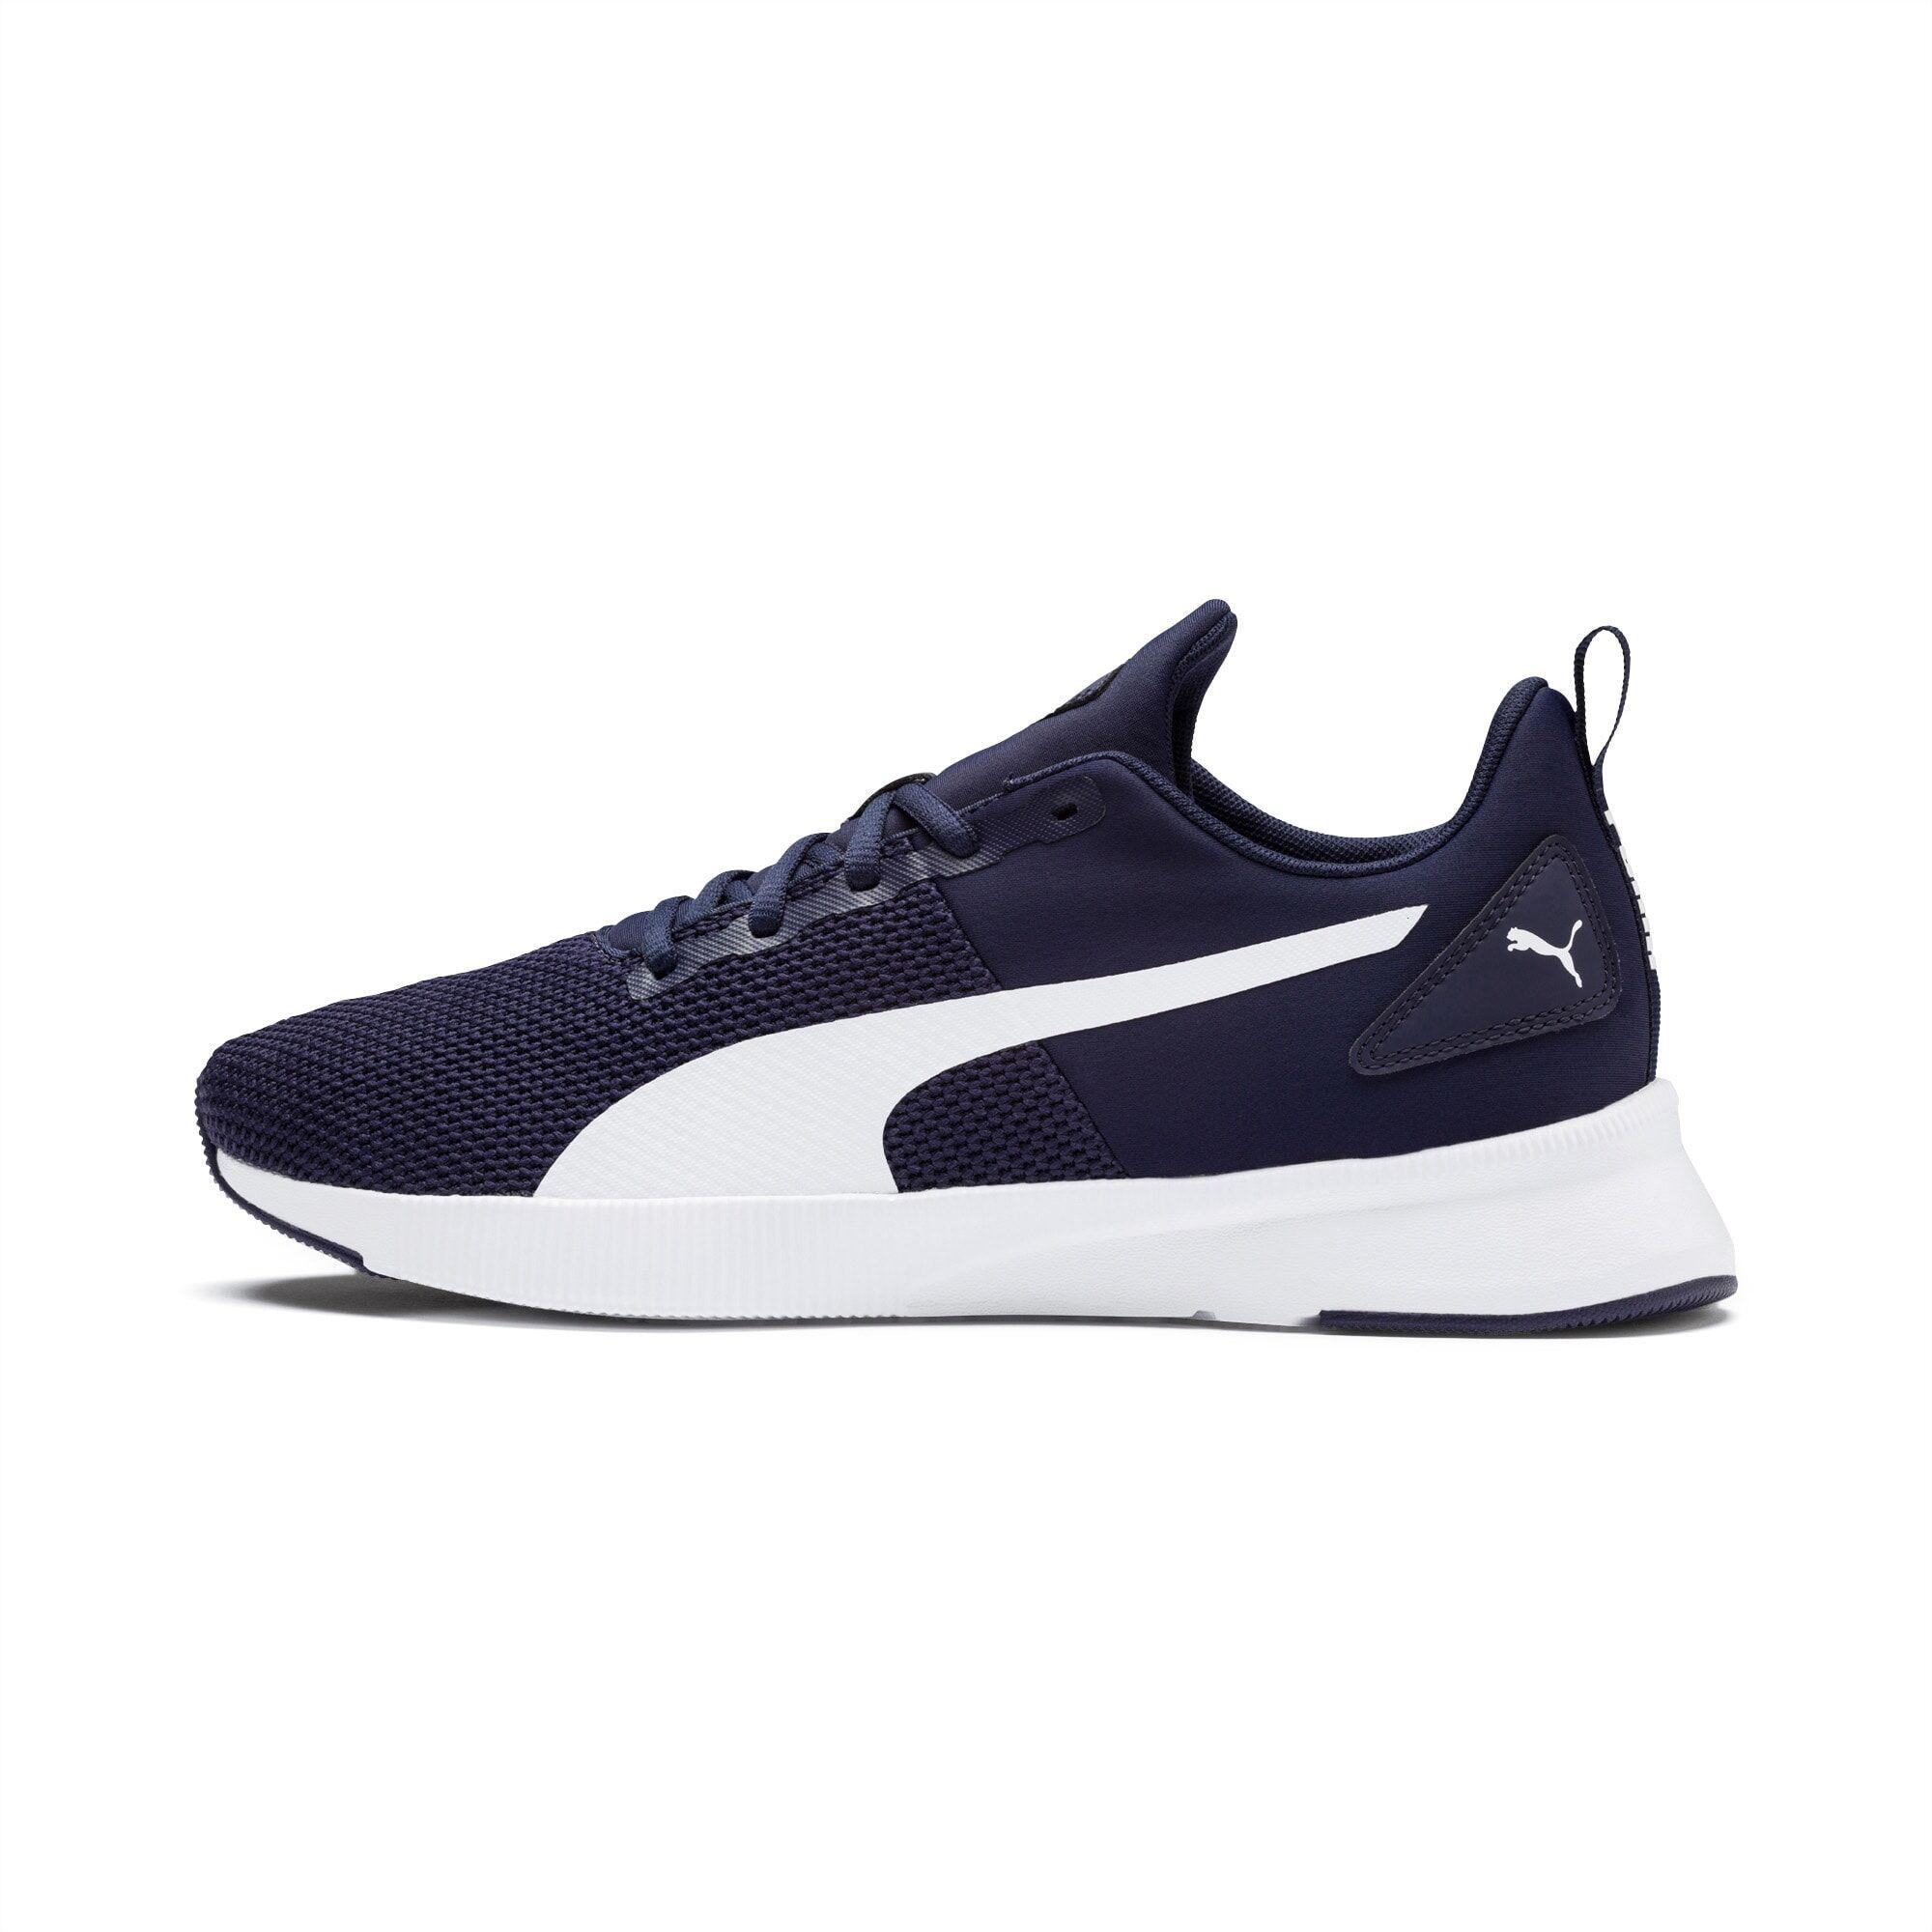 PUMA Chaussure de course Flyer Runner, Bleu/Blanc, Taille 42, Chaussures